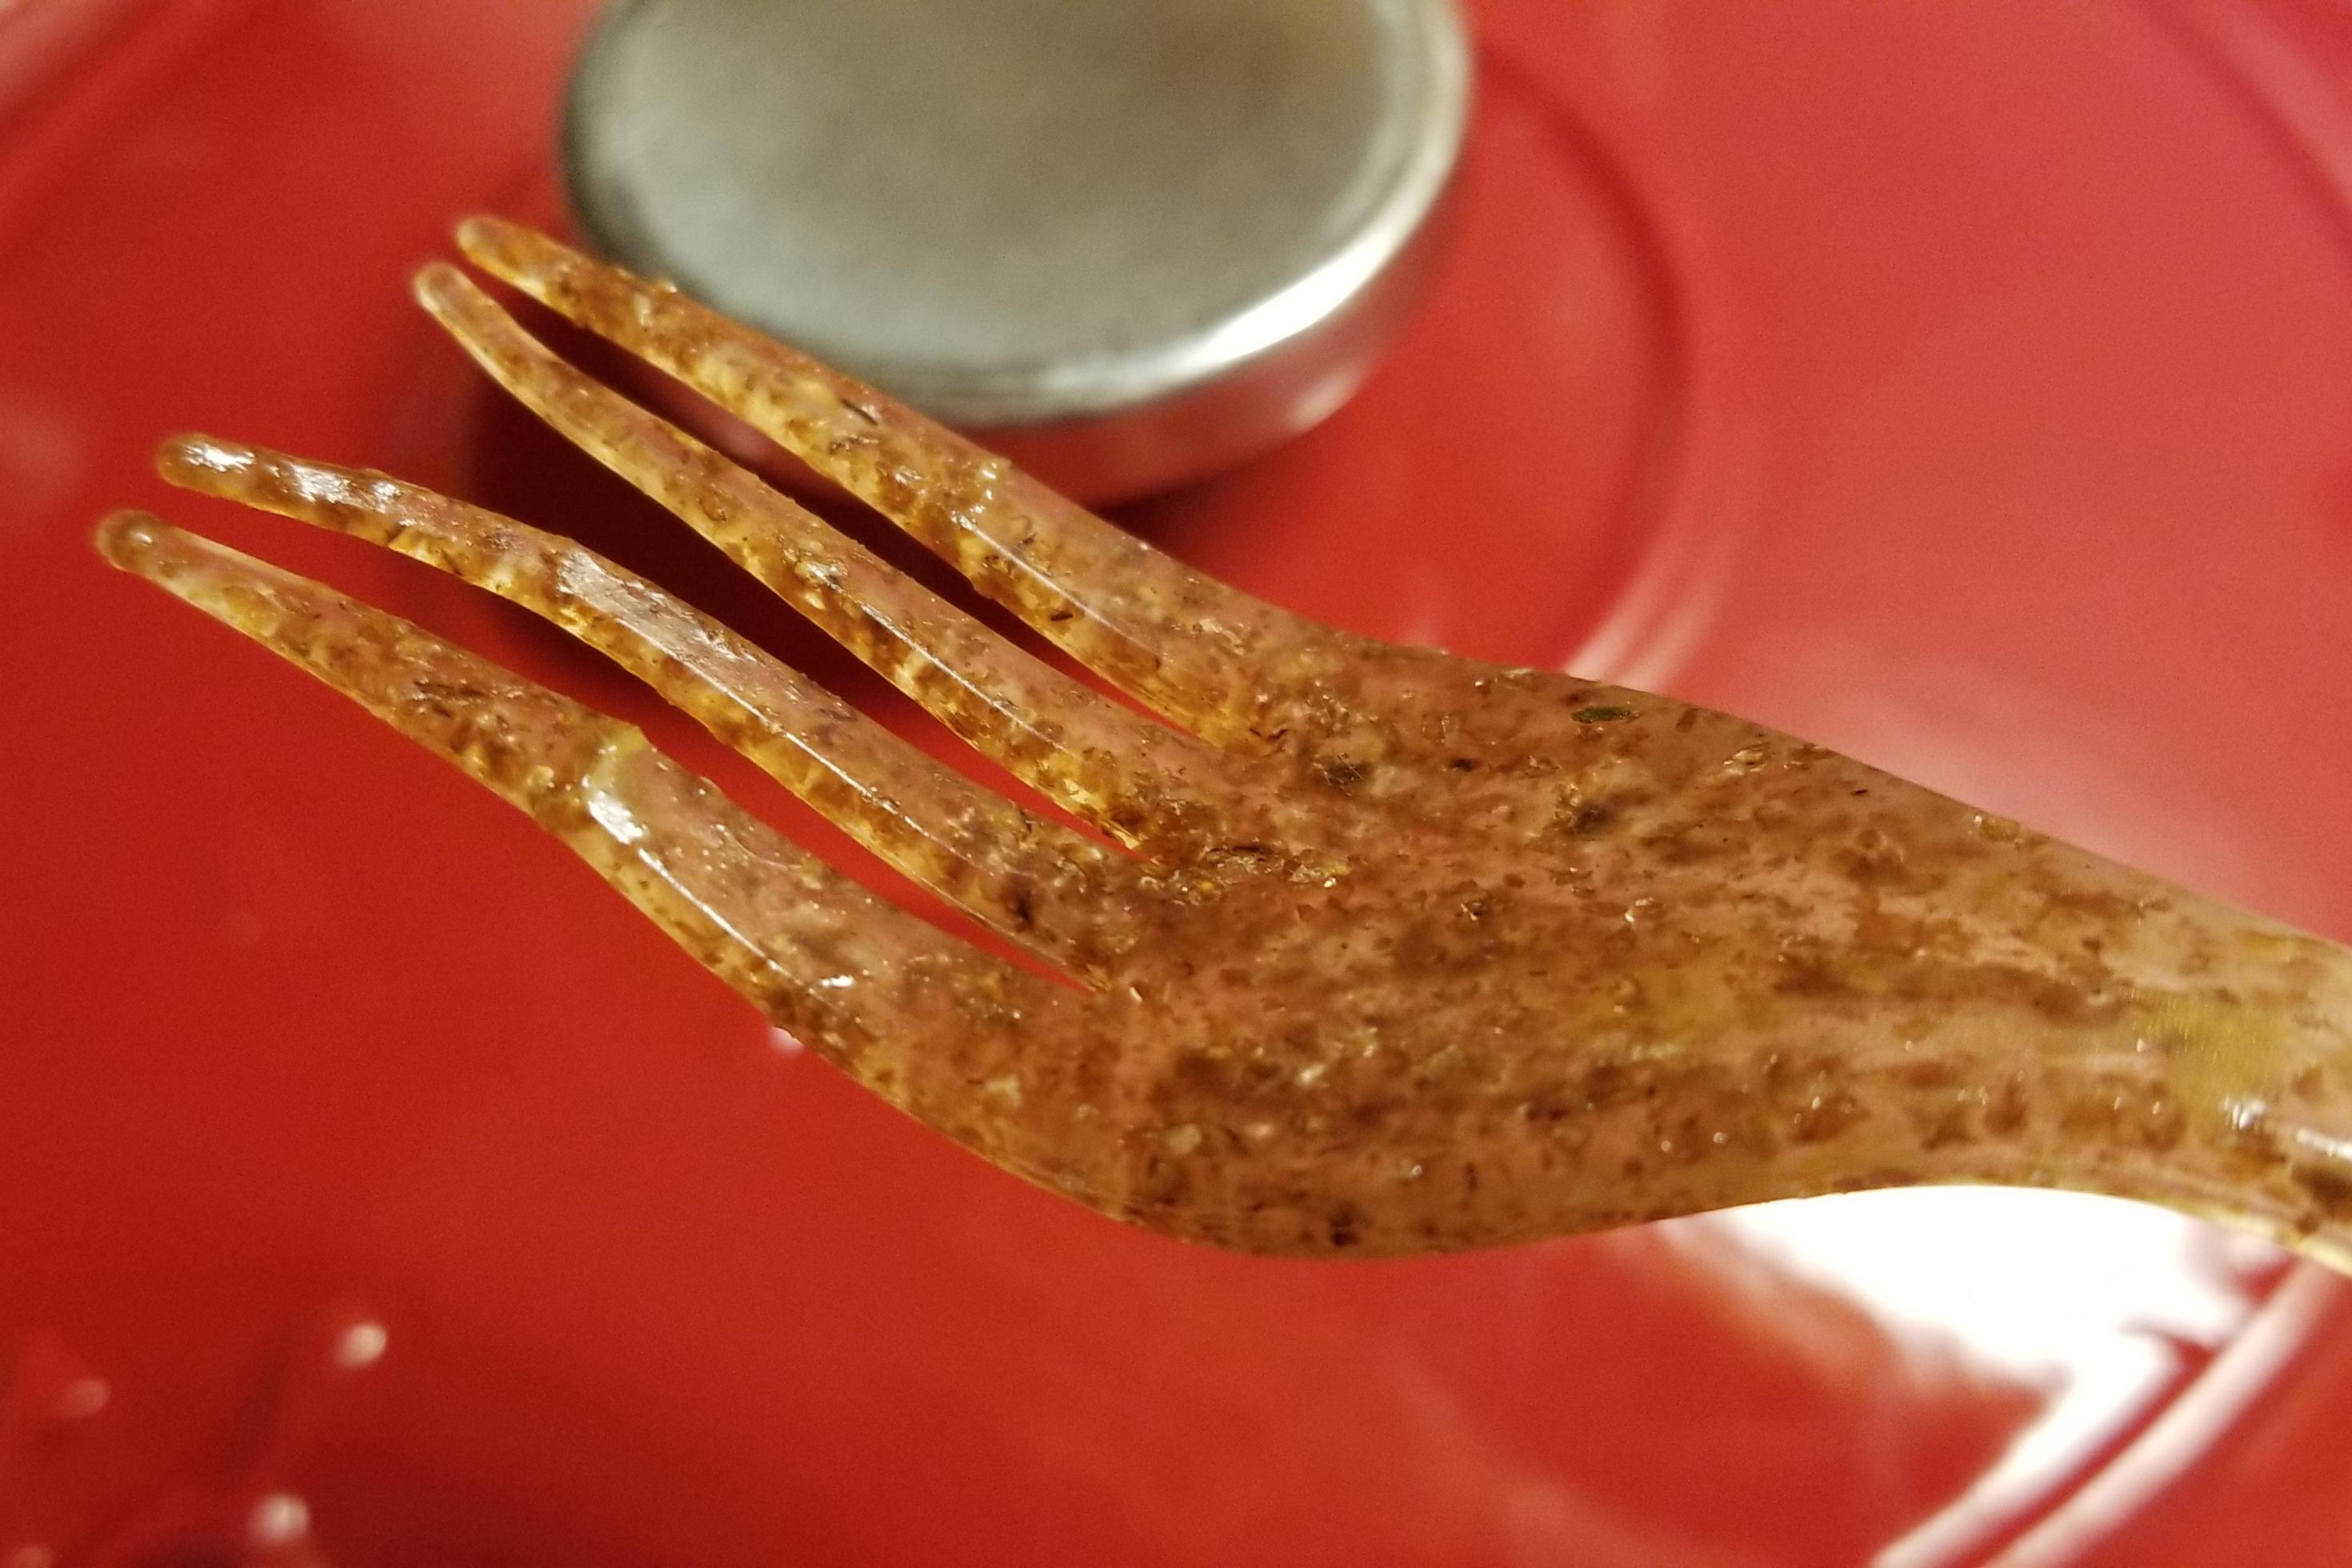 Biotrem fork bent